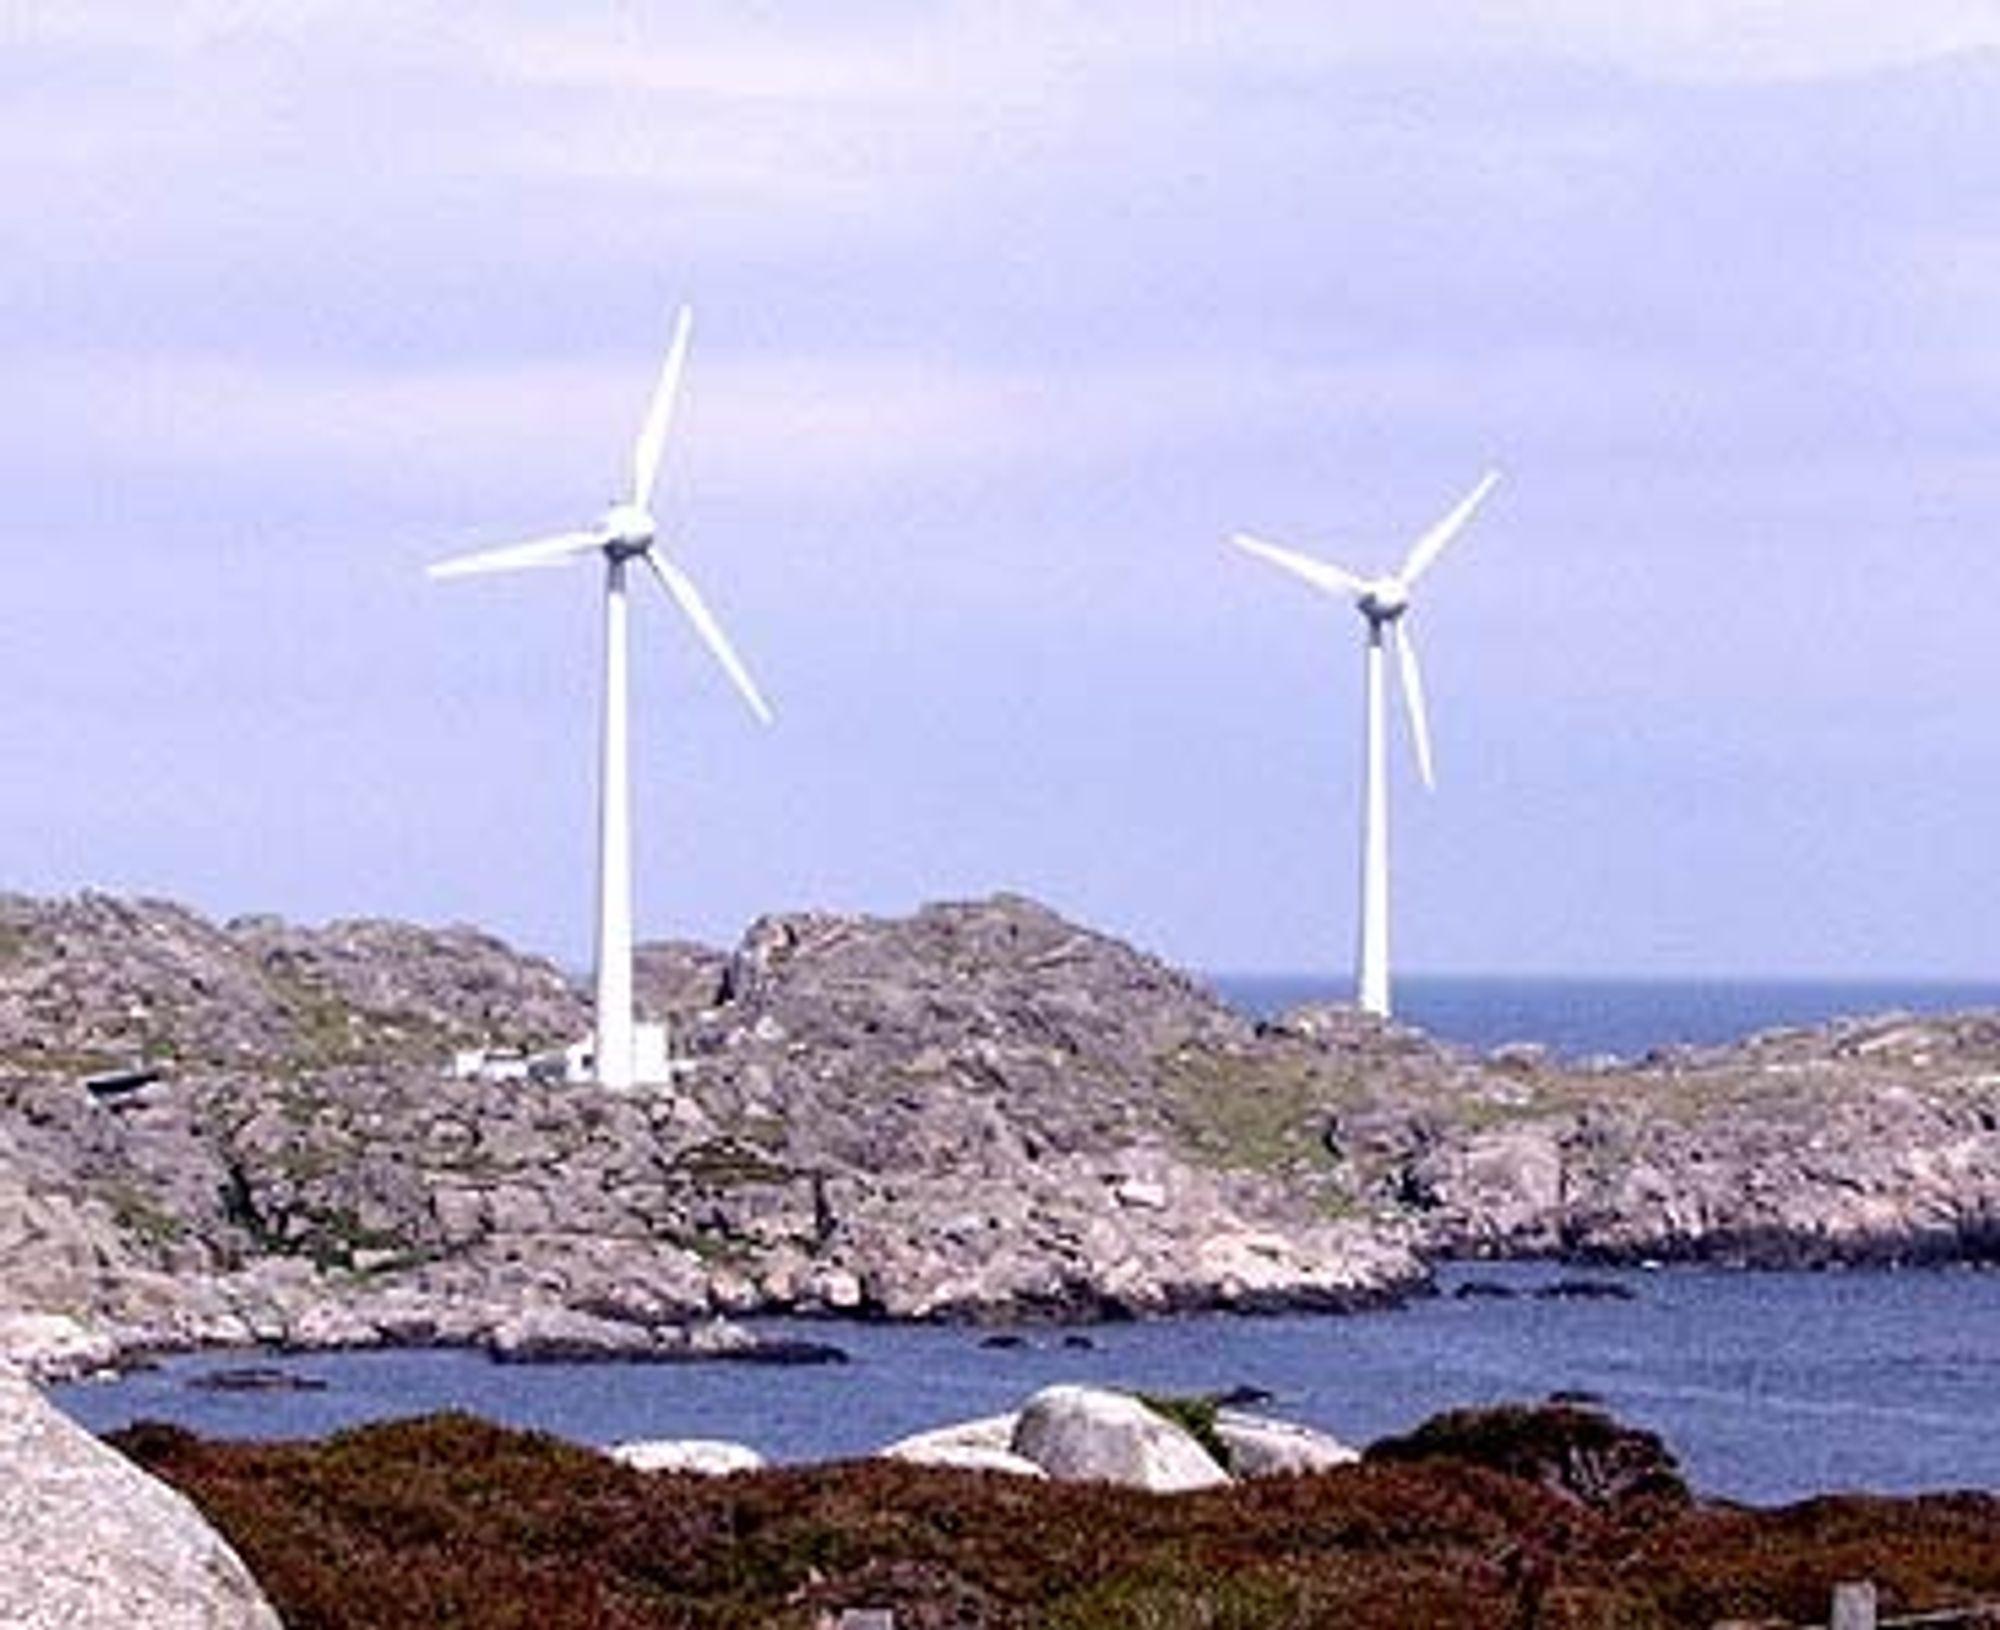 SOLGT: Statoil har kvittet seg med de to vindmøllene som var en del av hydrogen-prosjektet på Utsira.